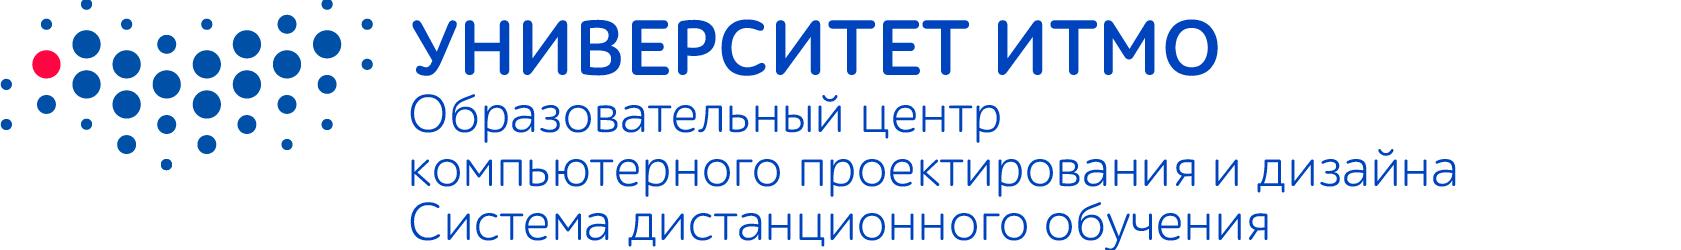 Образовательный центр Компьютерного проектирования и дизайна